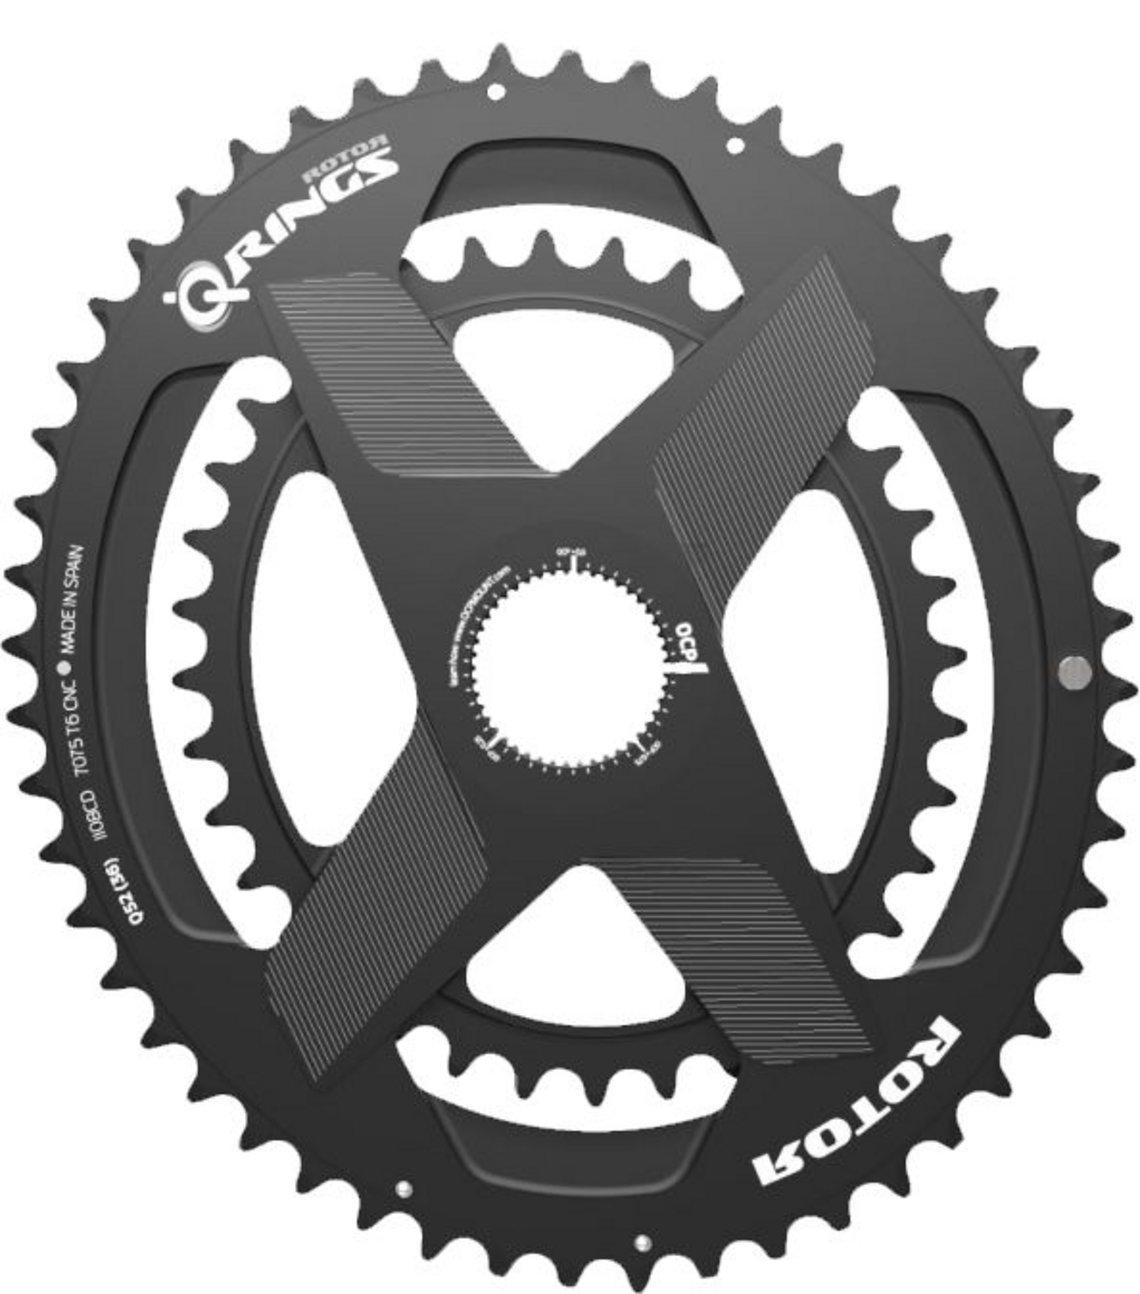 Rotor Aldhu Spider mit ovalen Q-Rings